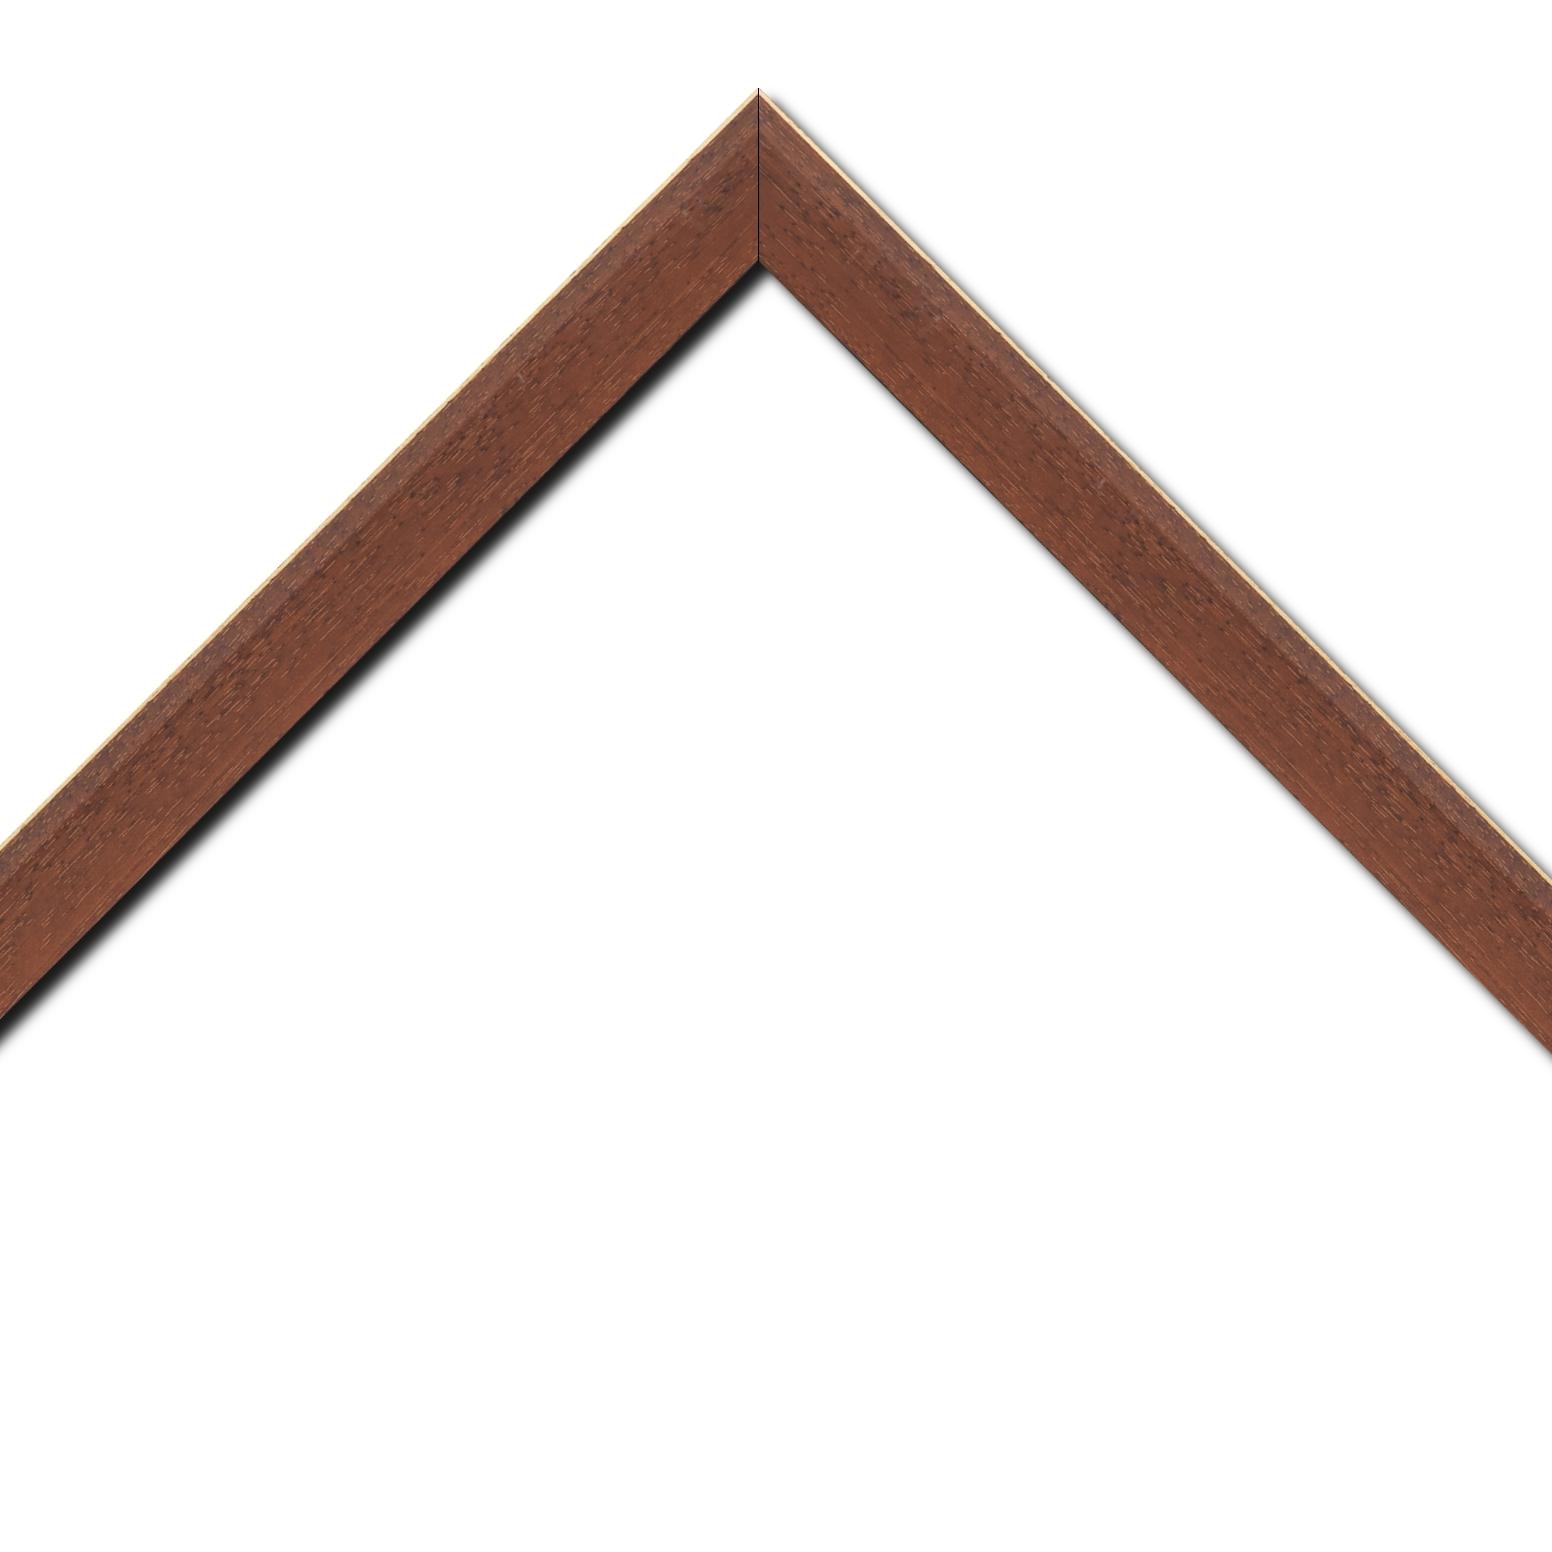 Baguette bois profil plat escalier largeur 3cm couleur marron miel satiné filet créme extérieur